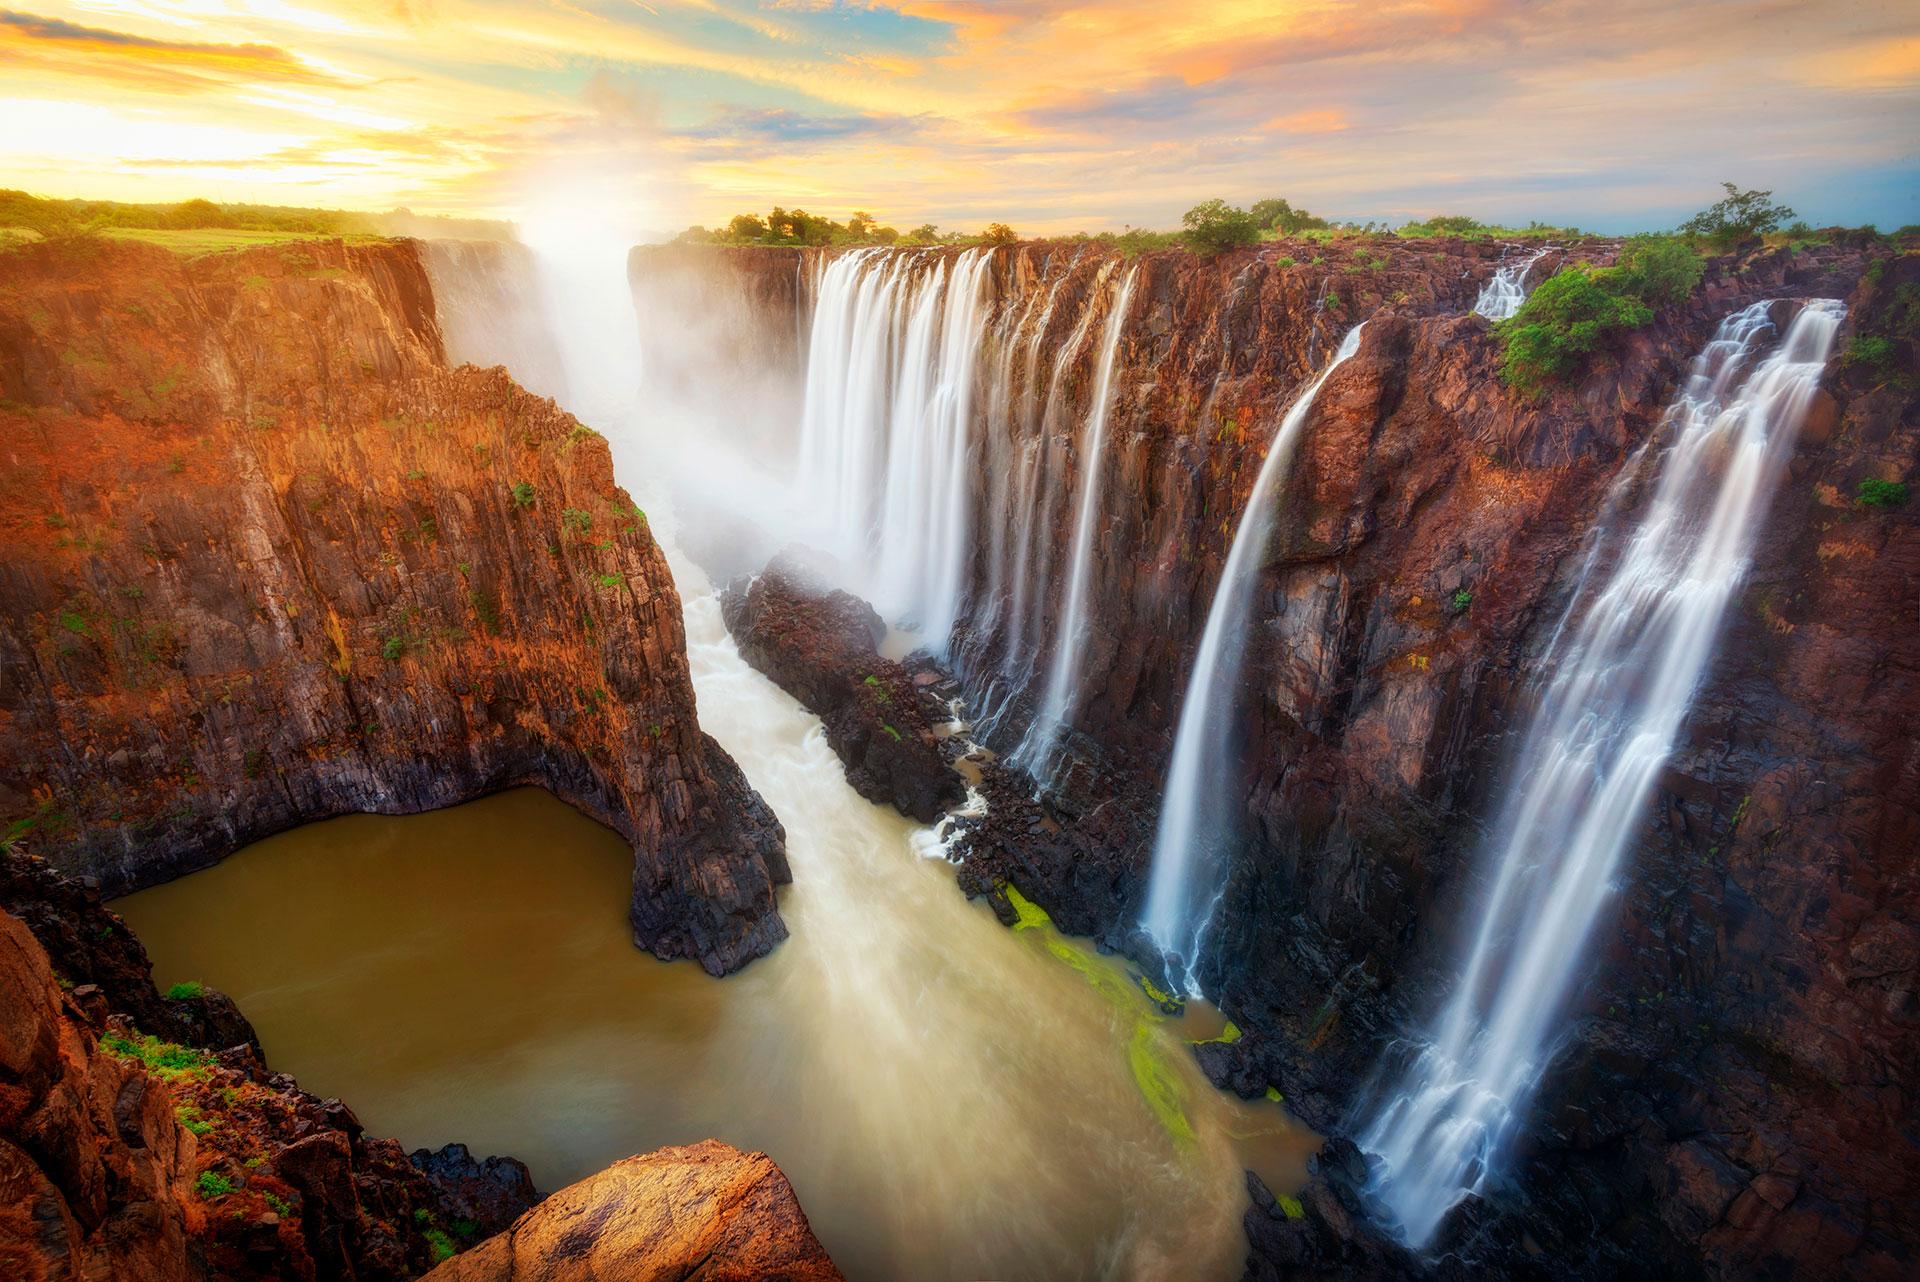 En la frontera de Zambia y Zimbabwe se encuentran las cataratas Victoria, una cascada de 1,7 km de ancho y 108 m de alto, que ha sido llamada